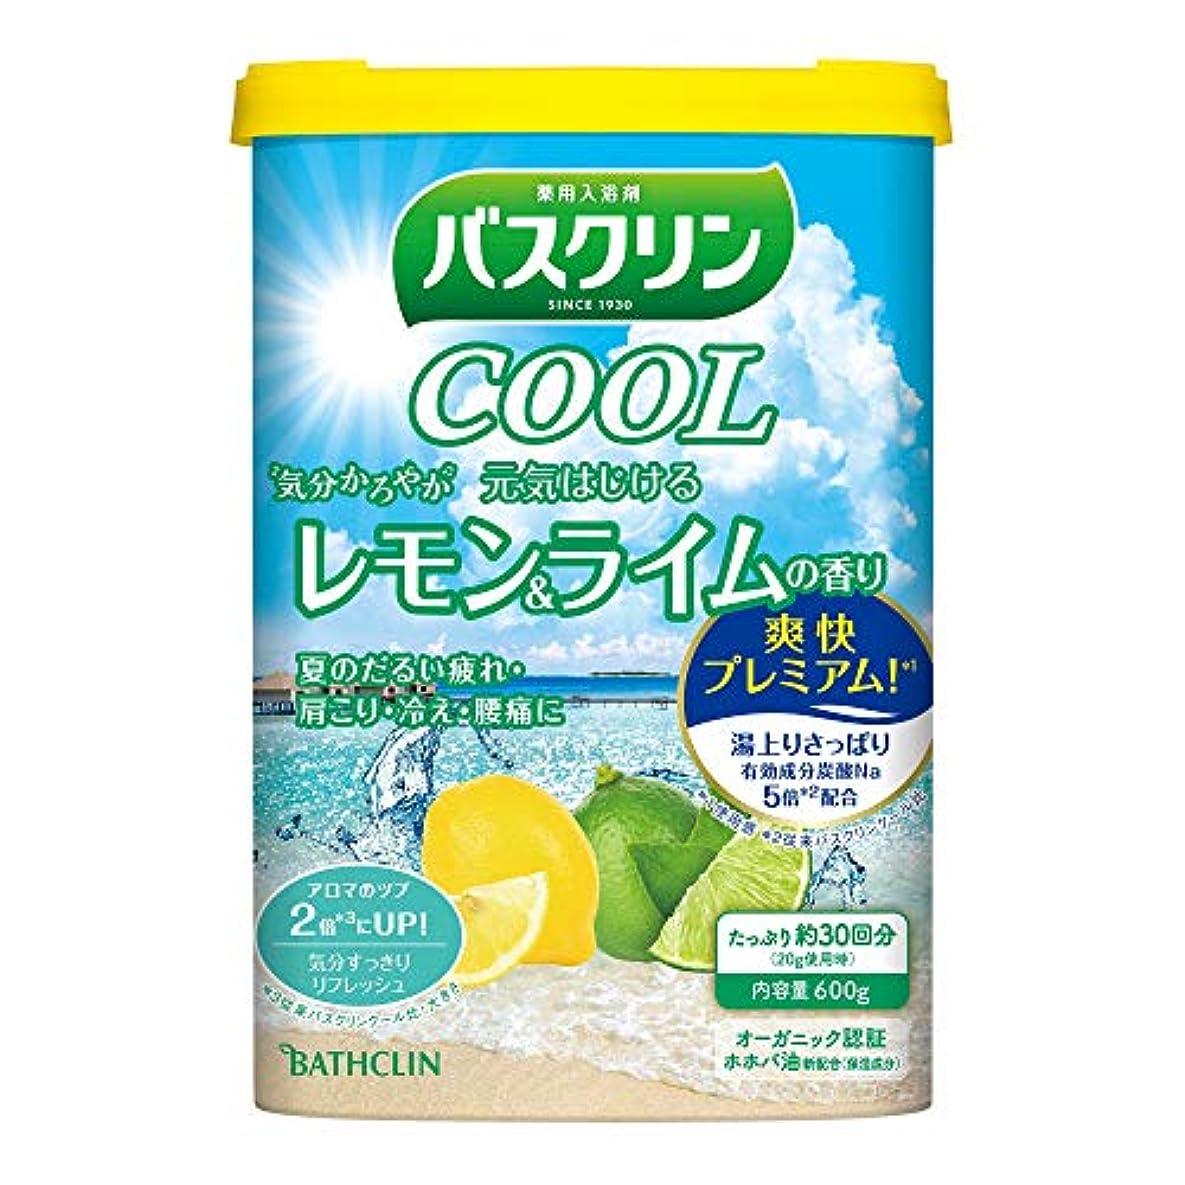 キー動後【医薬部外品】バスクリンクール入浴剤 元気はじけるレモン&ライムの香り600g クール入浴剤 すっきりさわやか